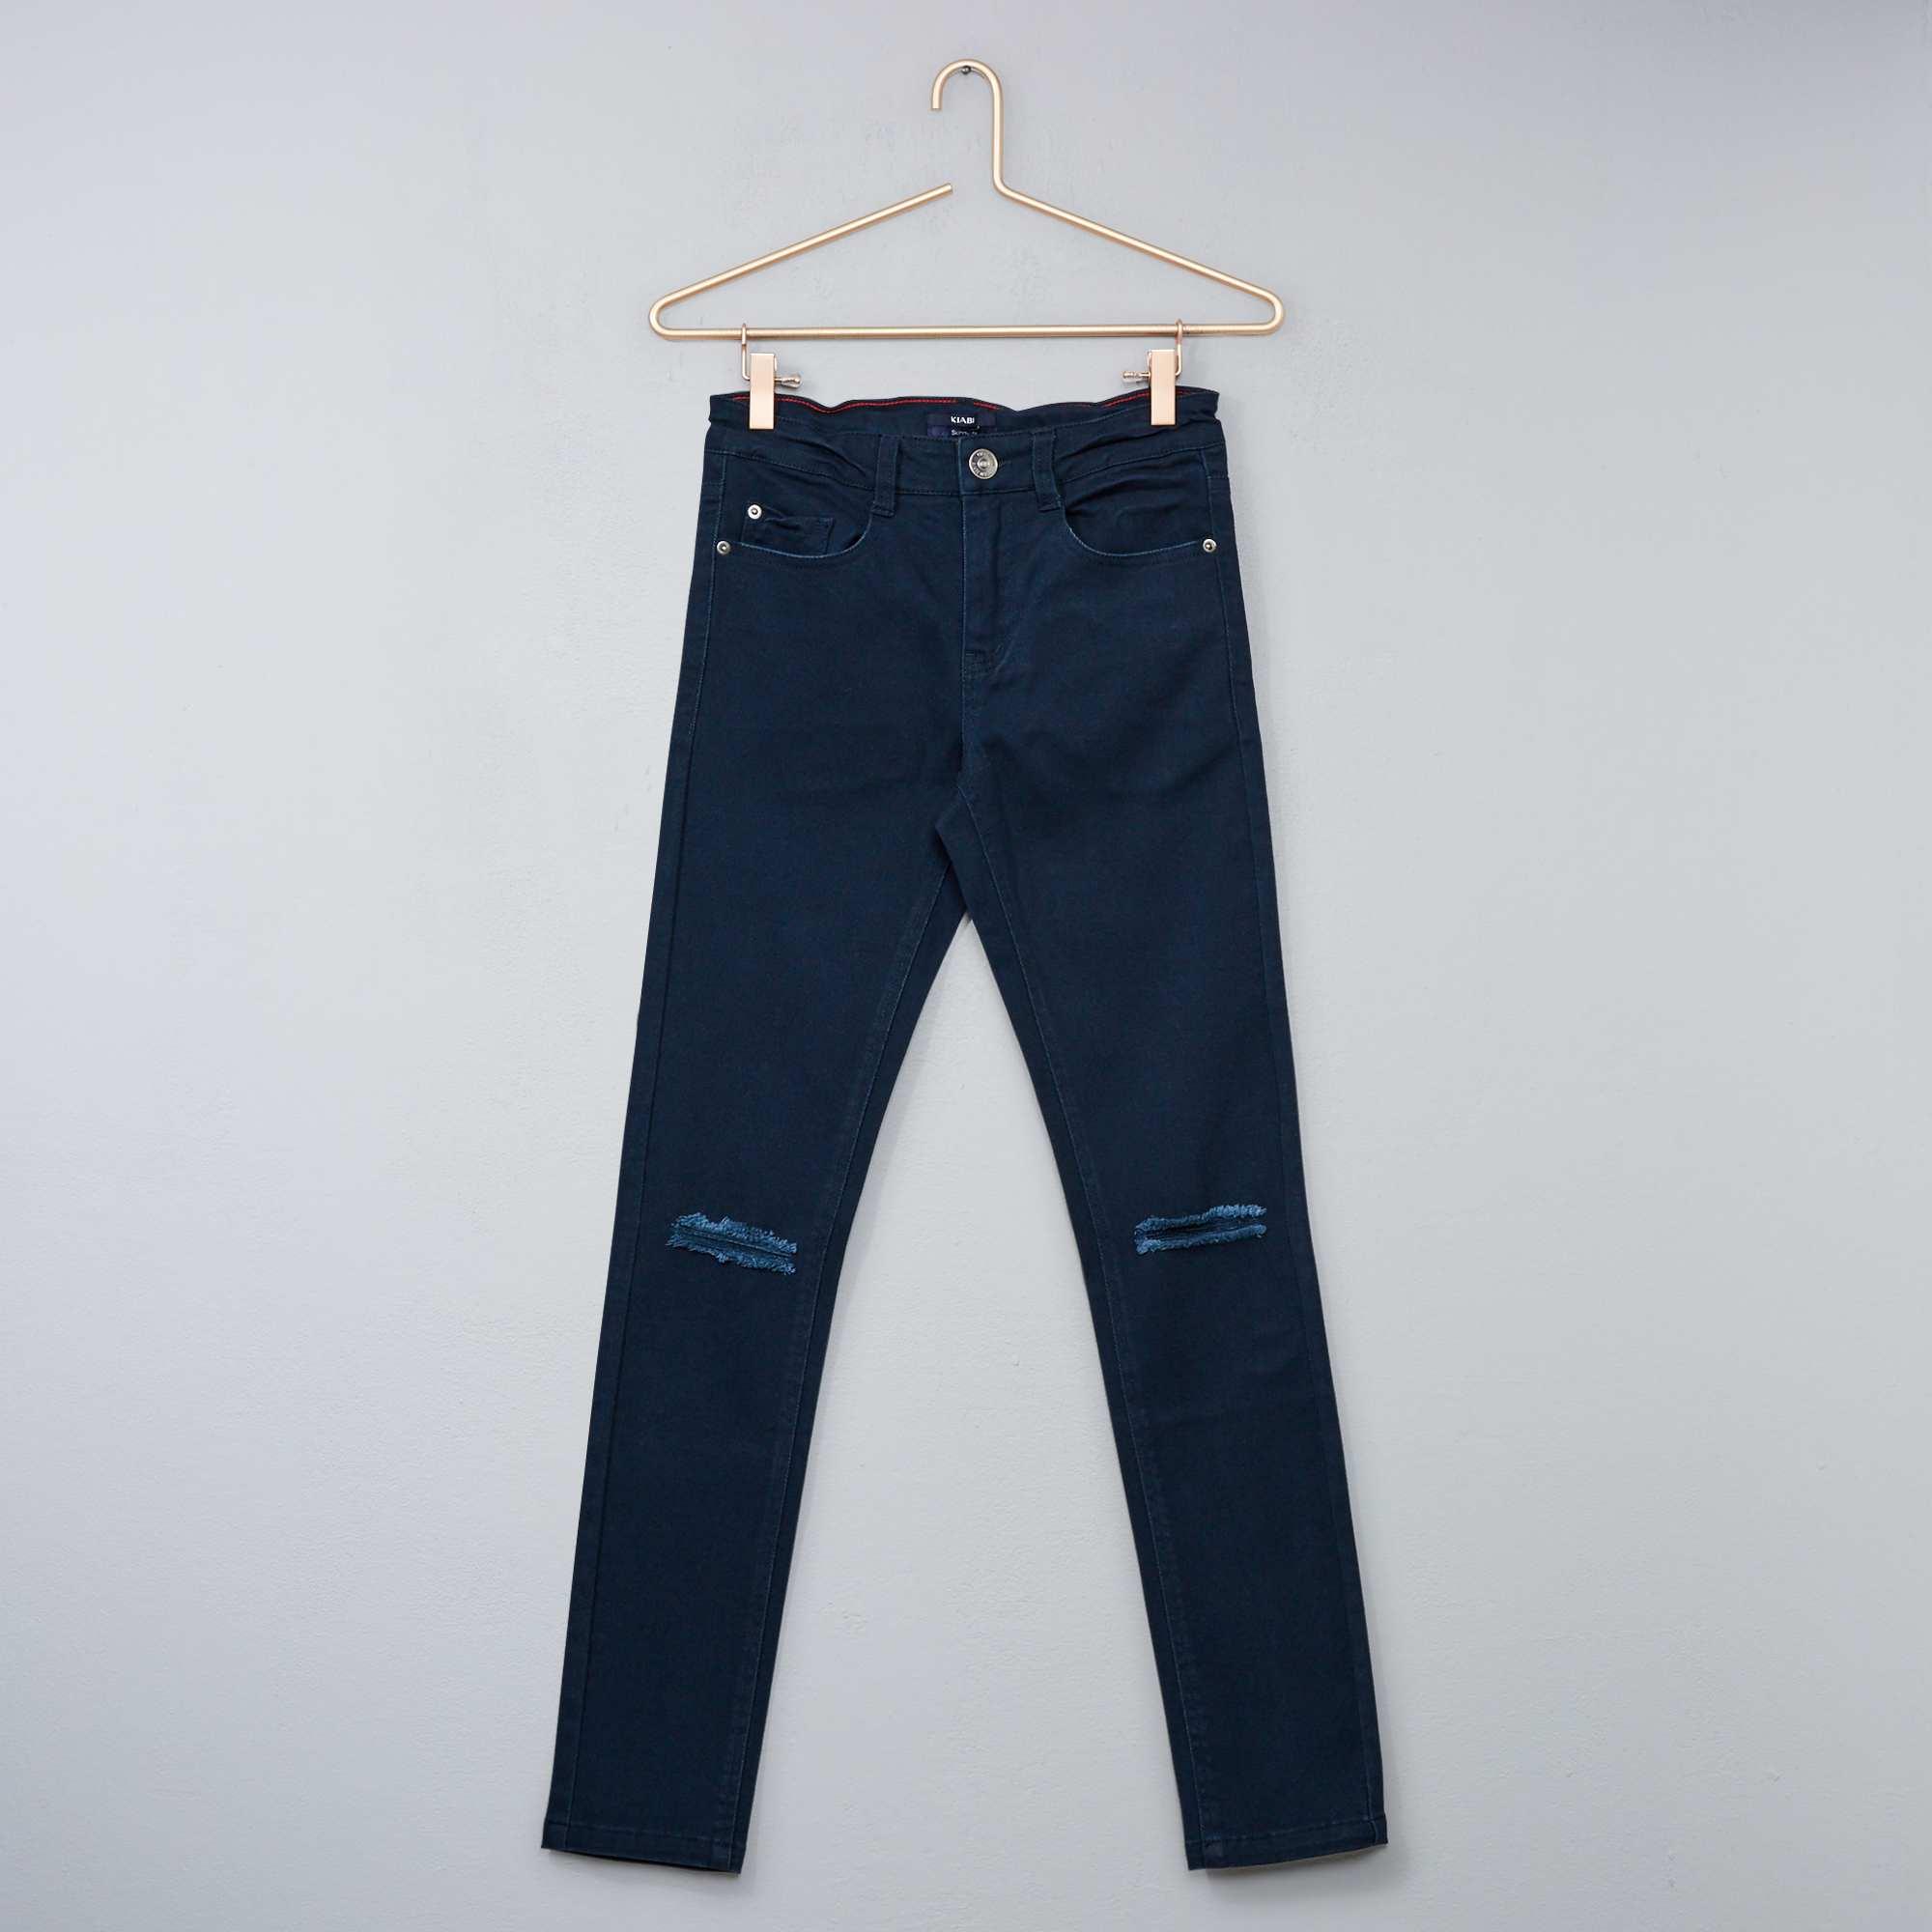 Couleur : noir, bleu marine, ,, - Taille : 12A, S, XS,10A,Une coupe tendance pour un jean simple mais efficace ! - Jean avec abrasions -